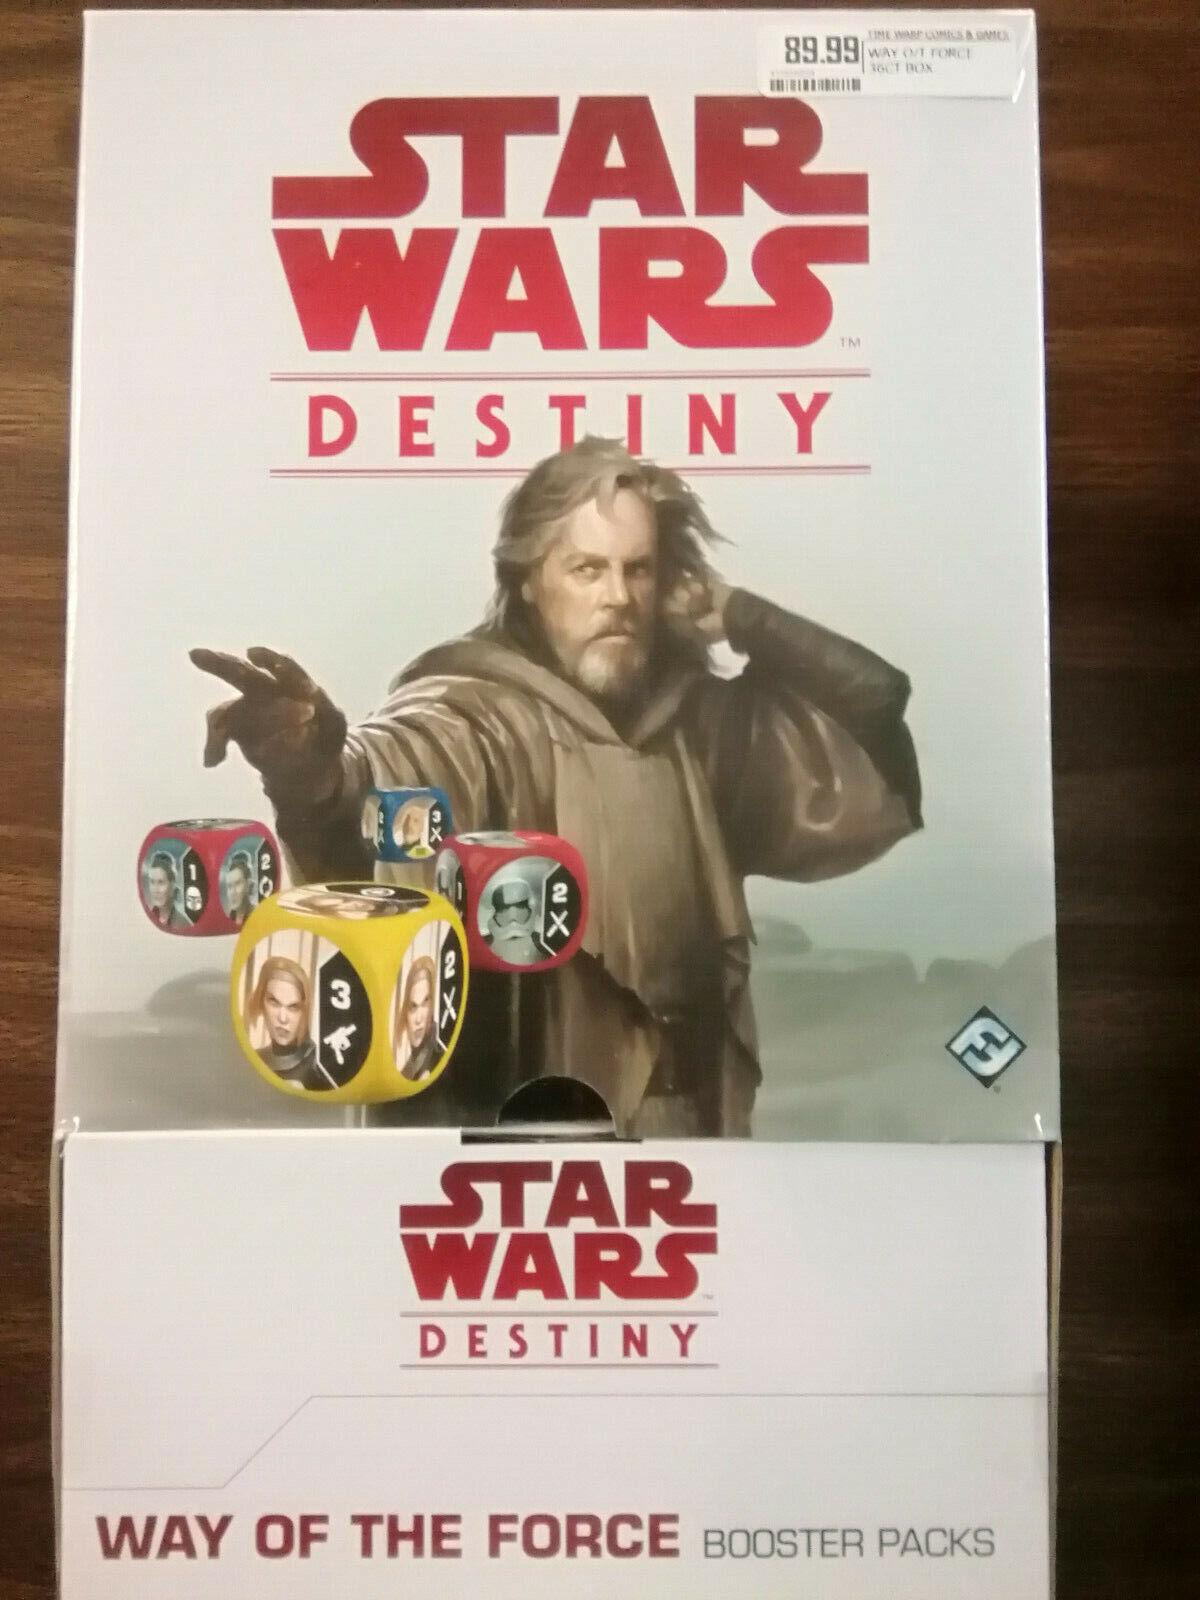 la mejor oferta de tienda online Estrella Wars Wars Wars Destiny of the Force Booster Box Way  ¡No dudes! ¡Compra ahora!